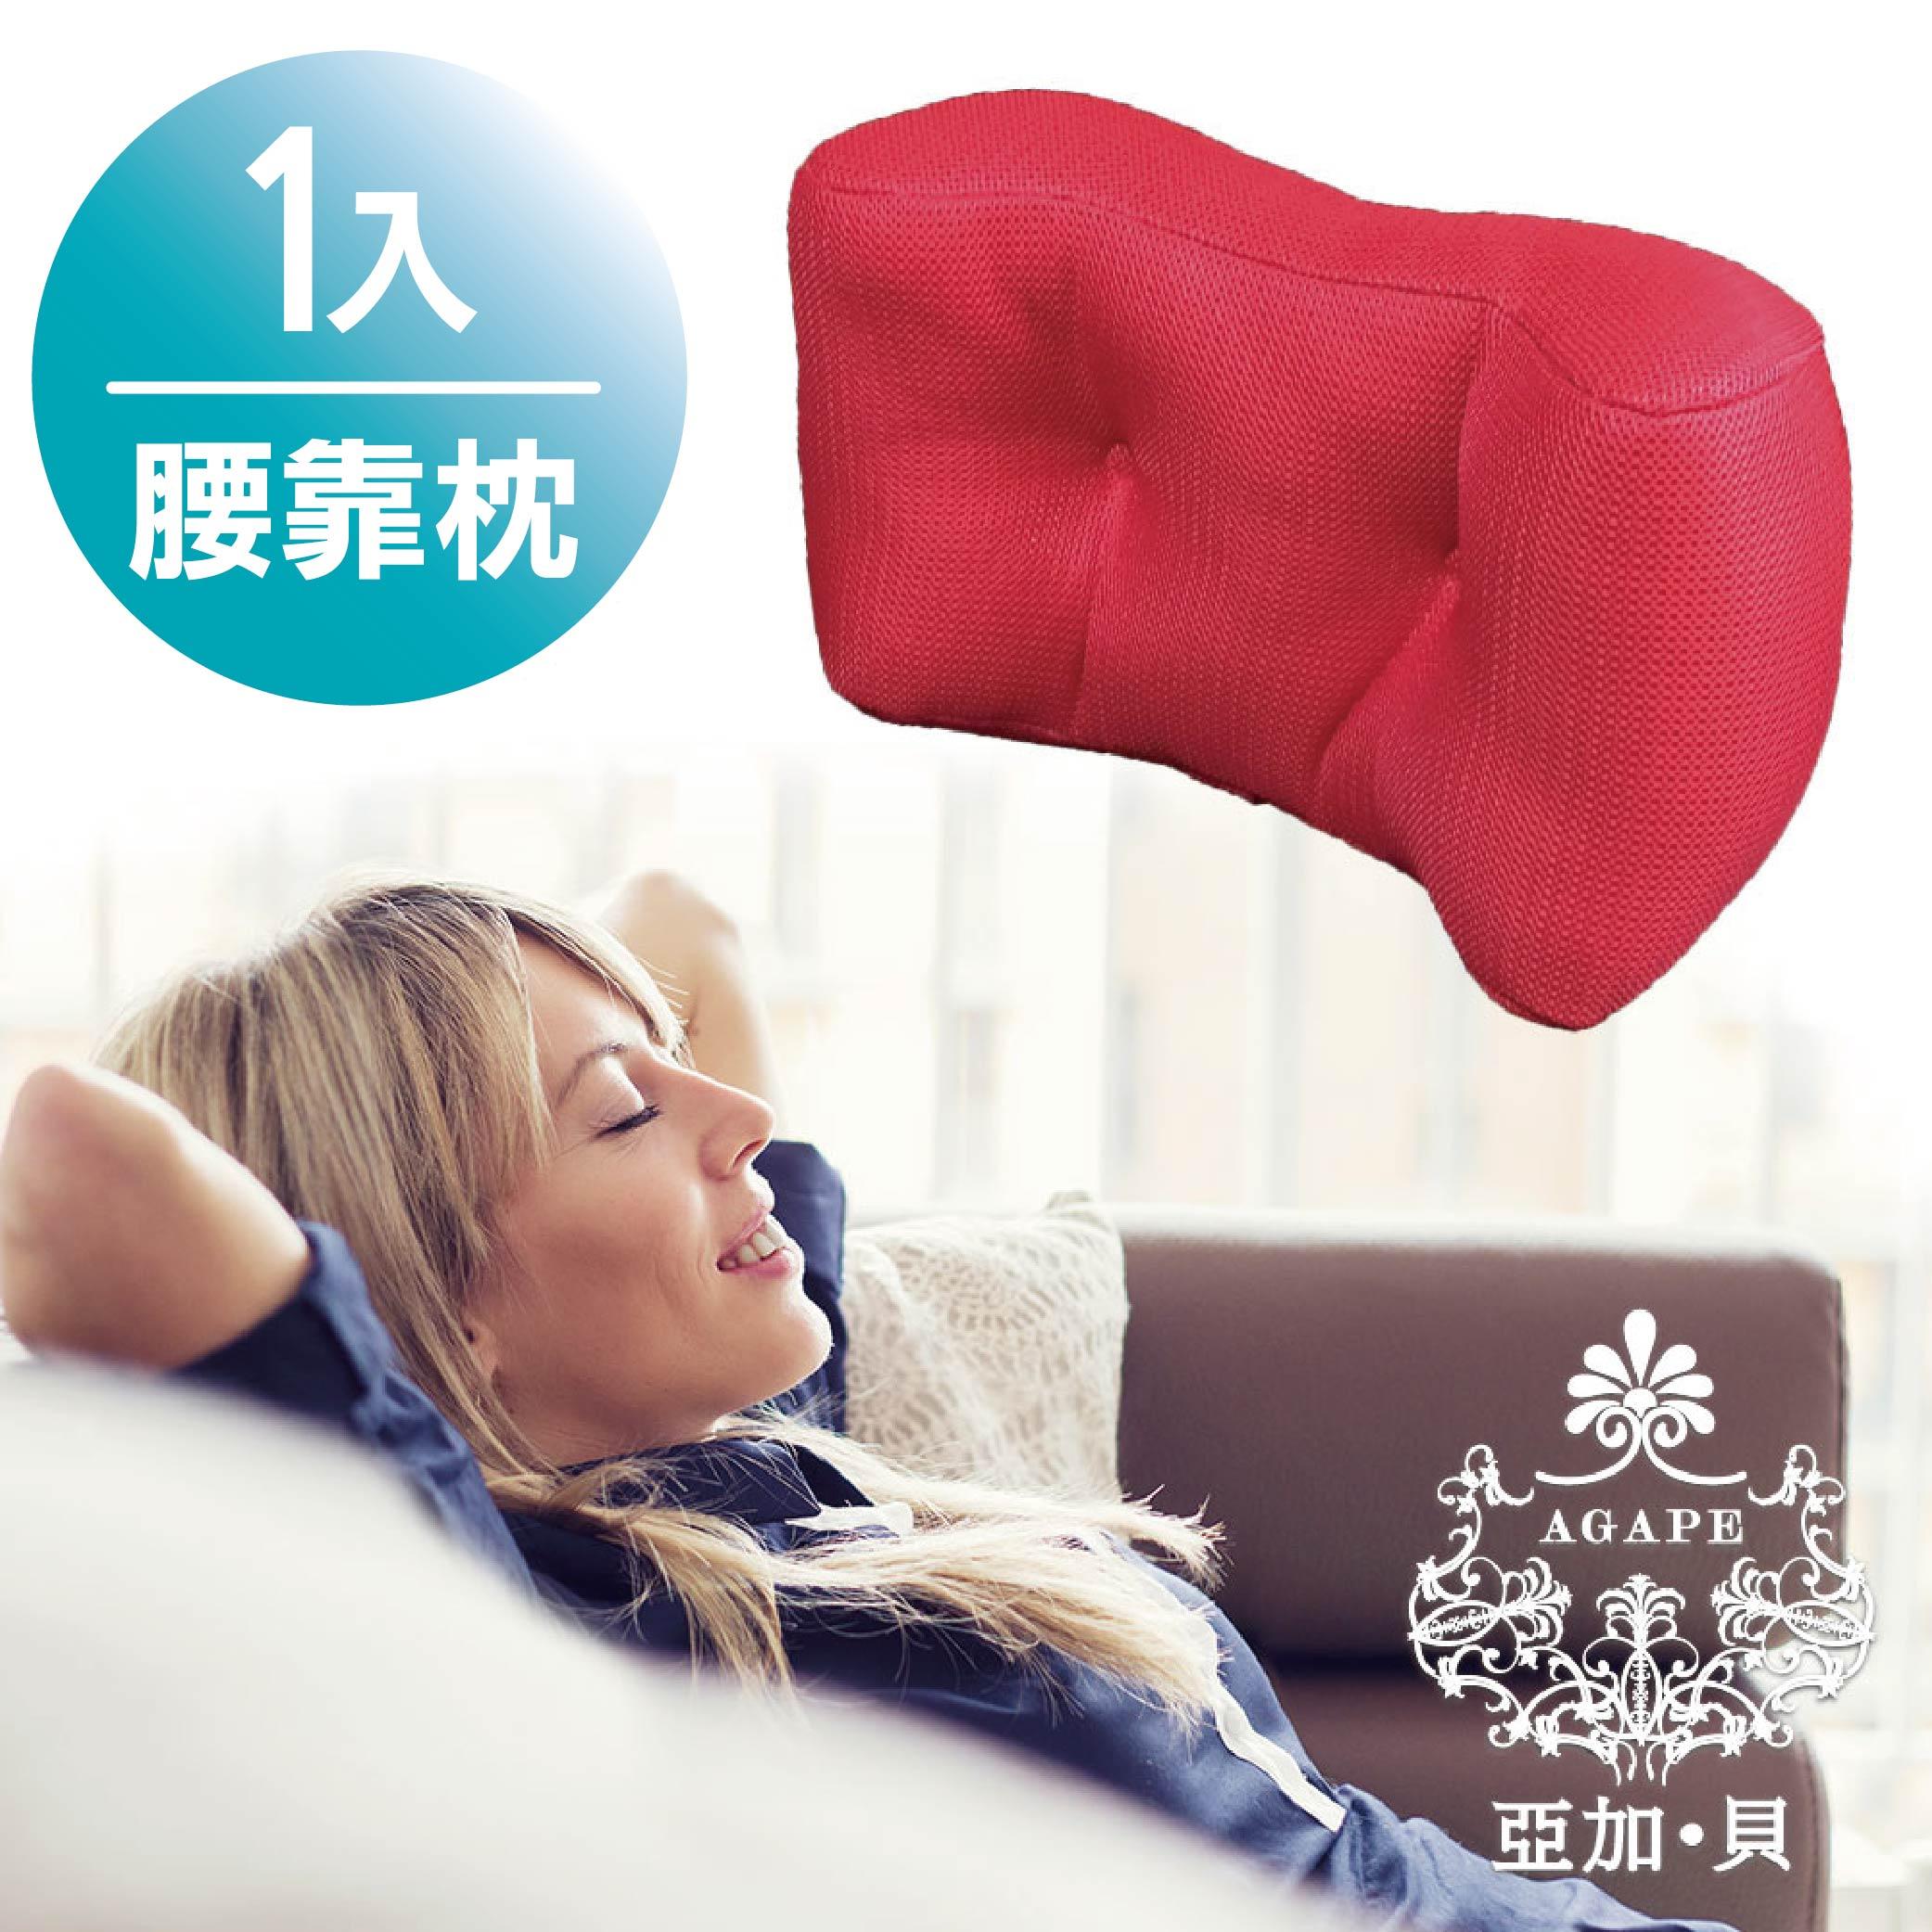 AGAPE亞加˙貝《多功能3D紓壓靠腰足枕》可當腰枕、頭枕、足枕,符合人體工學 -1入